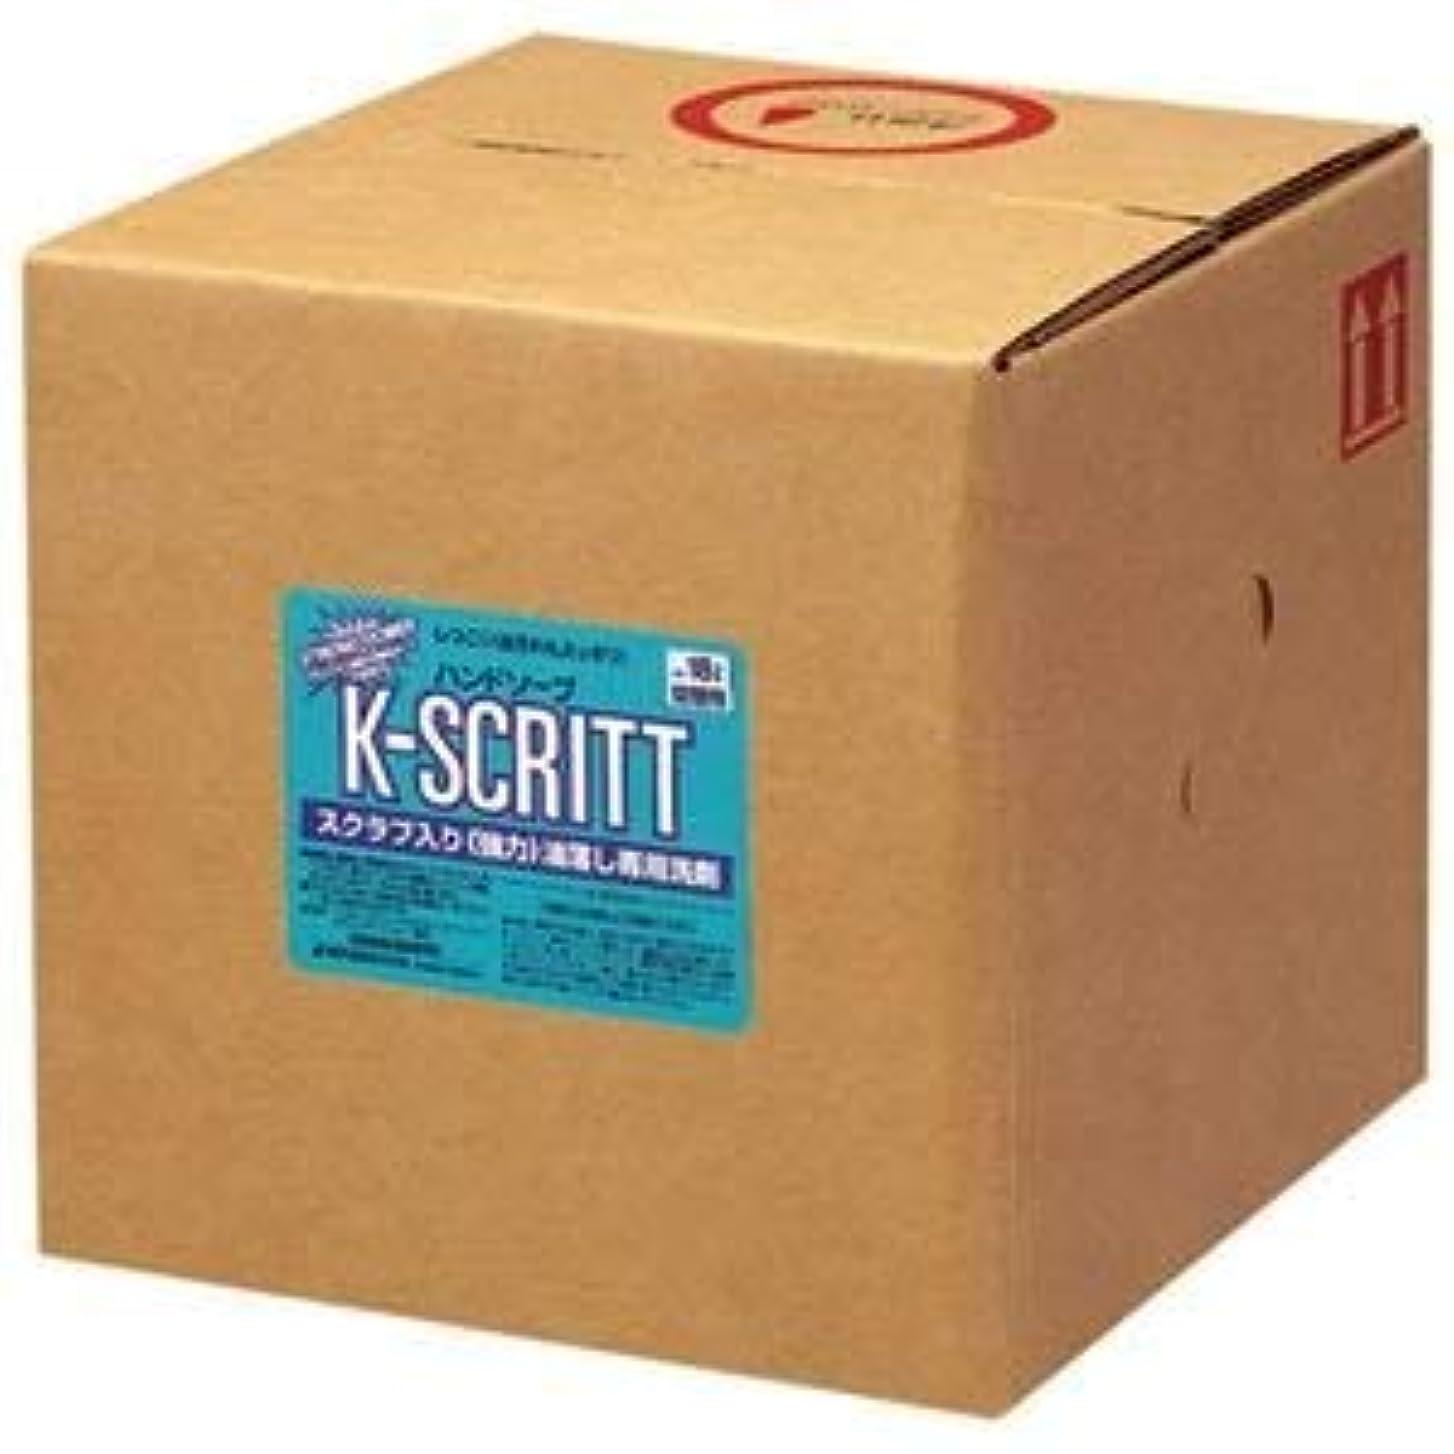 寛容な不安定複数業務用 液体石鹸 K-スクリット ハンドソープ詰替え 18L 熊野油脂 (コック付き)